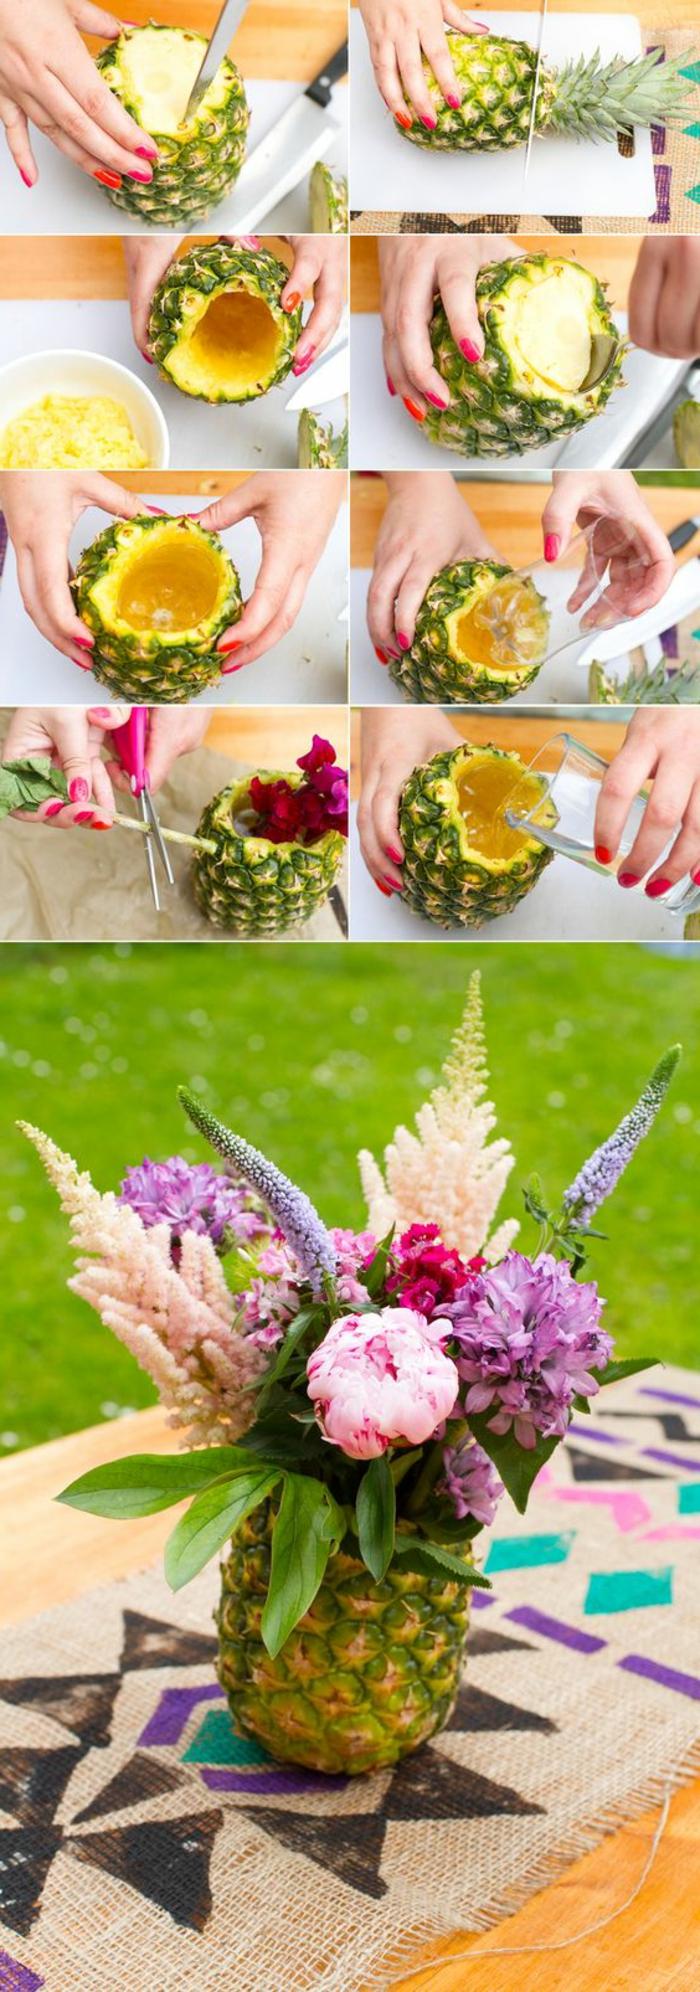 Schön Collage Ideen Das Beste Von Blumengestecke Selber Machen: 120 Inspirationen Zu Jedem